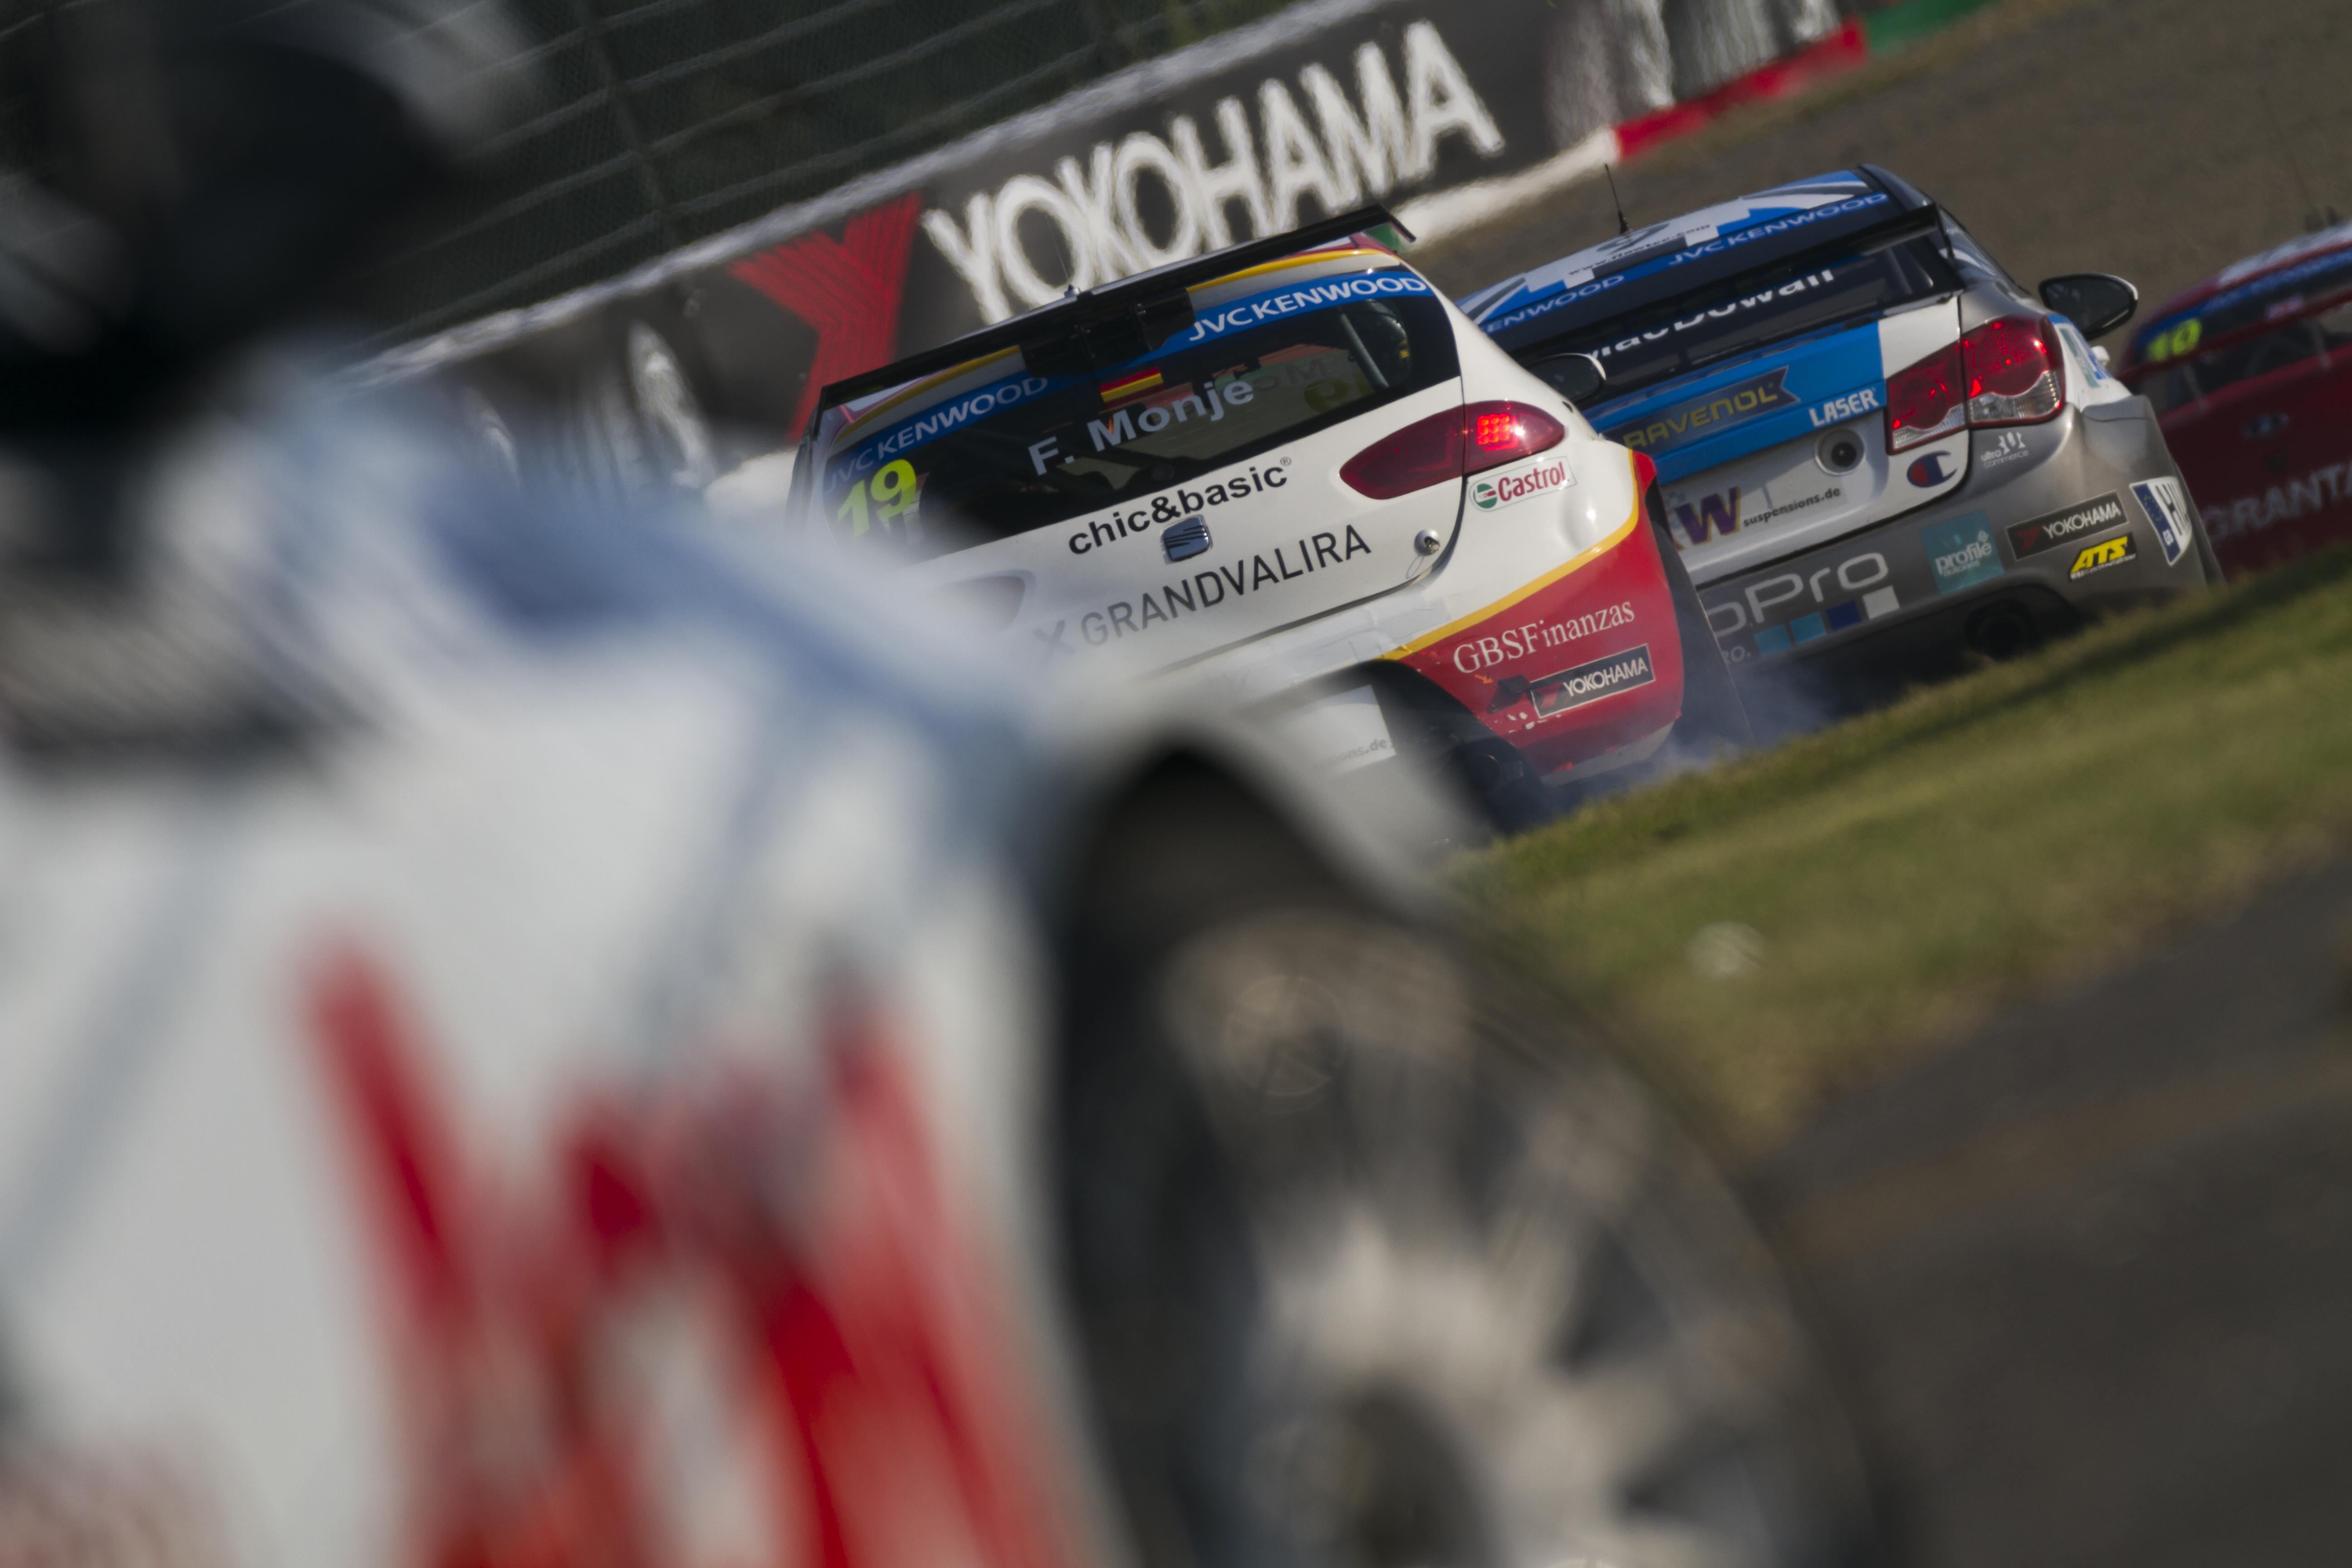 fotoproさん 1コーナーの進入シーンをリタイヤしてしまったMuller選手の車体を絡めて写してみました。